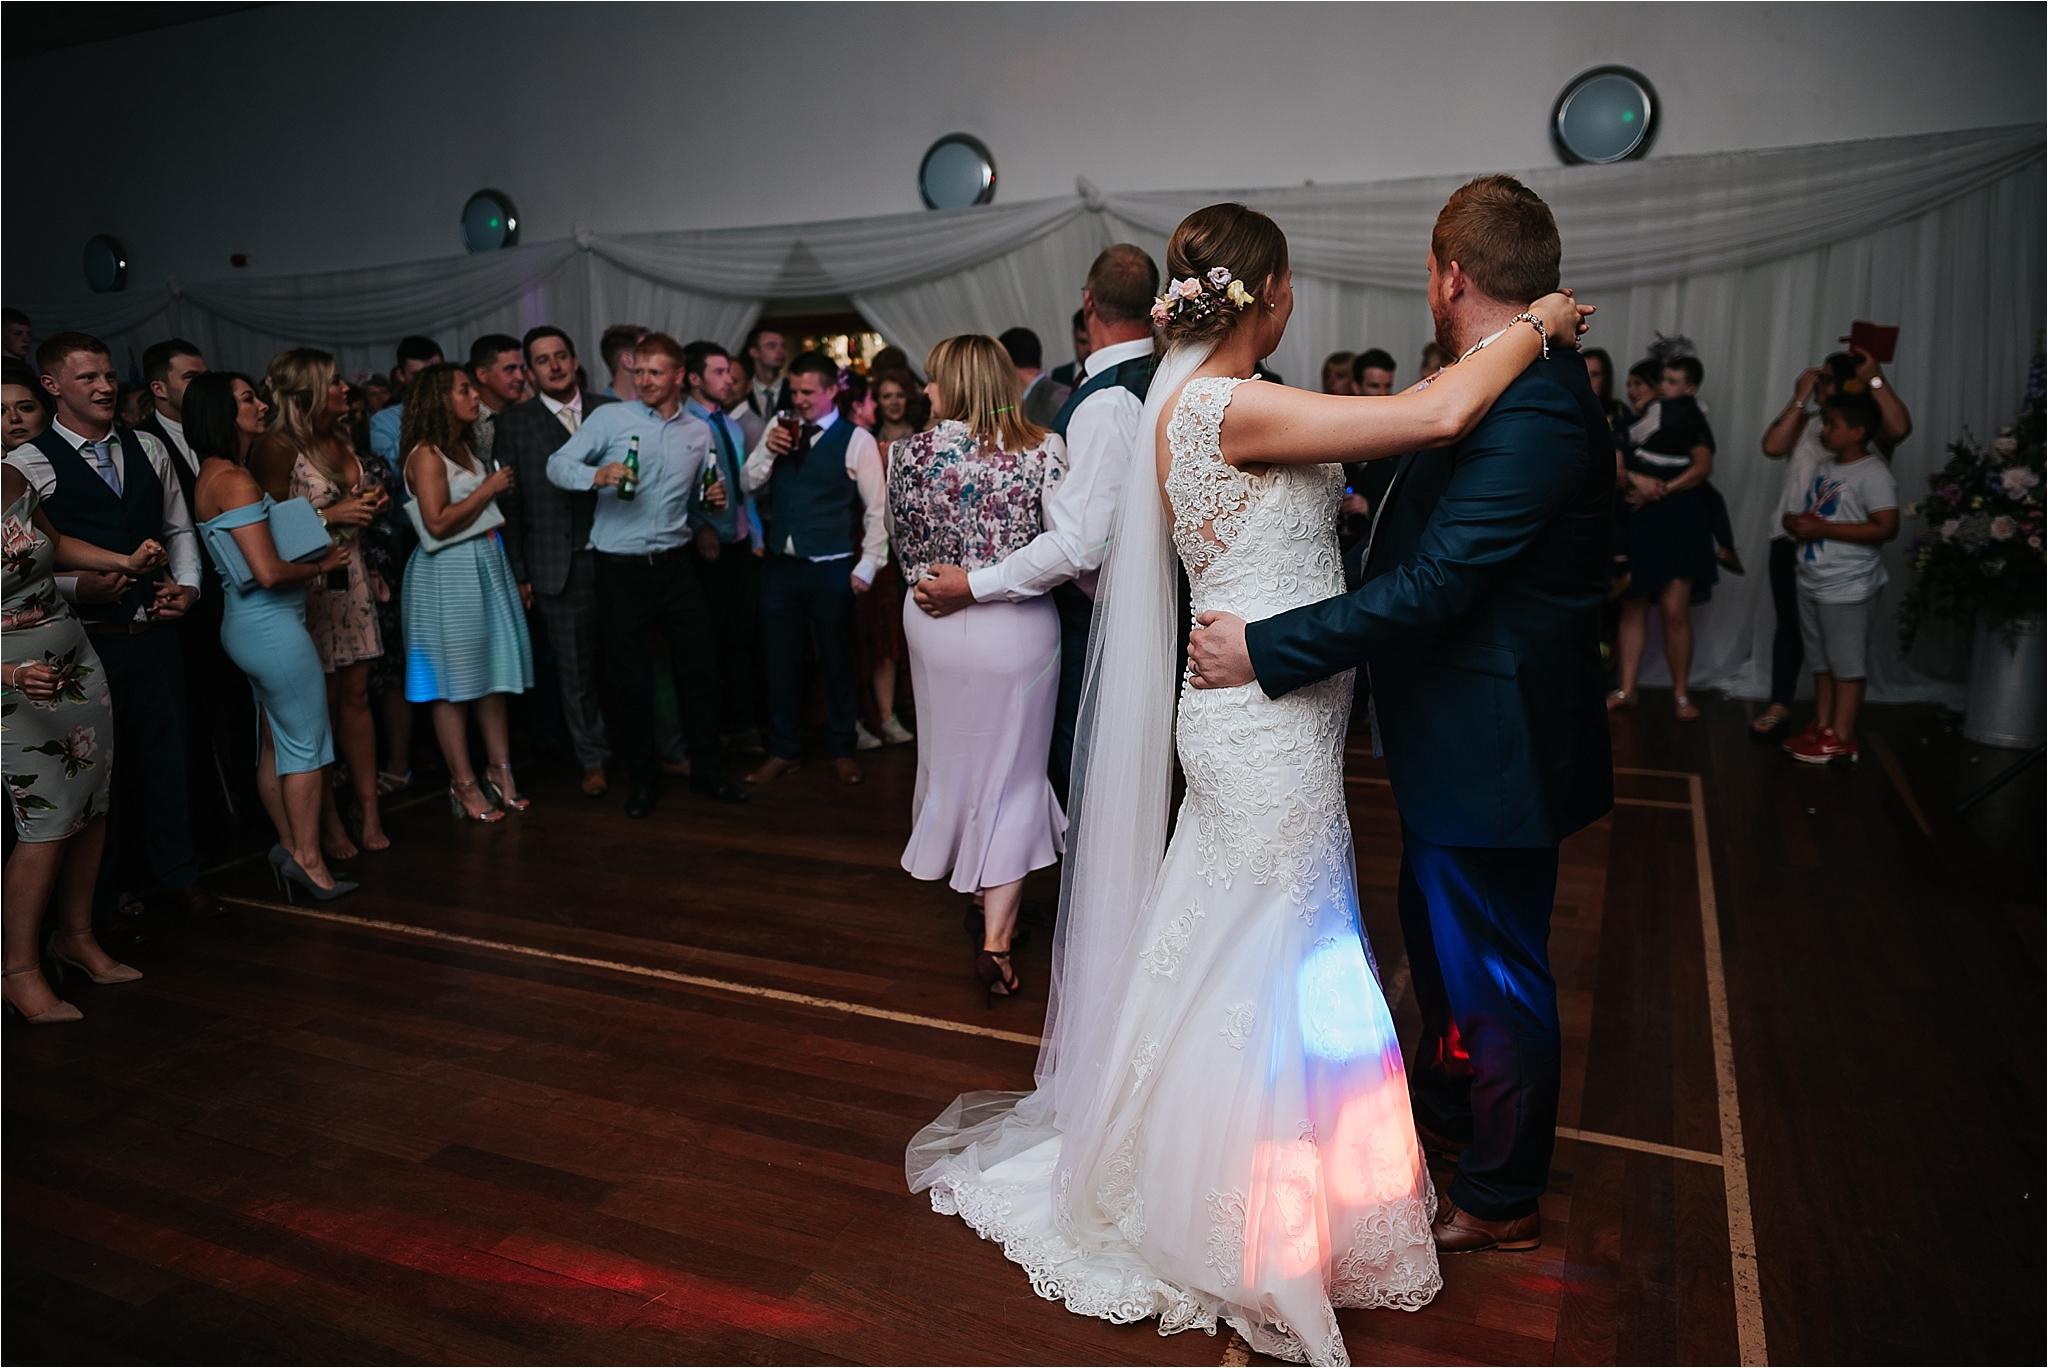 lancashireweddingphotography_0073.jpg